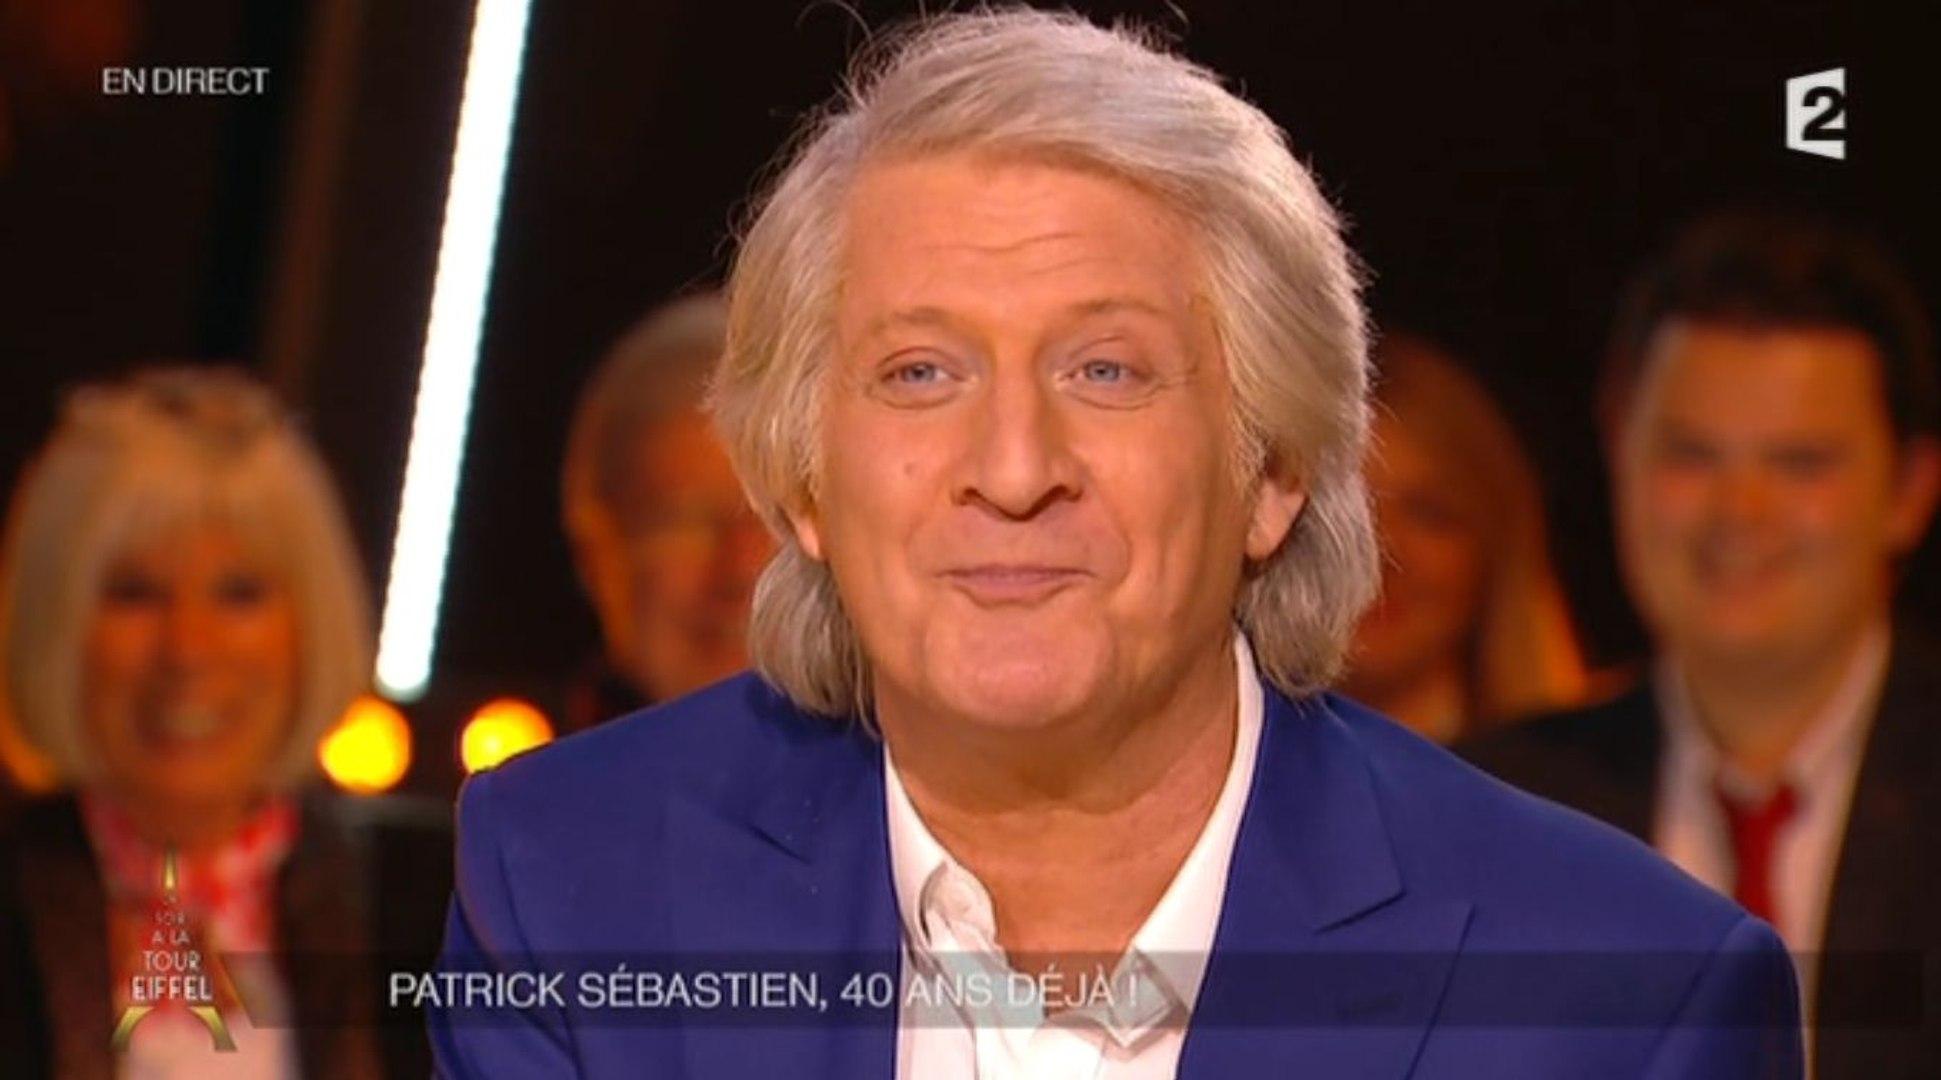 Patrick Sébastien parle de son pé**s - ZAPPING PEOPLE DU 9/9/914